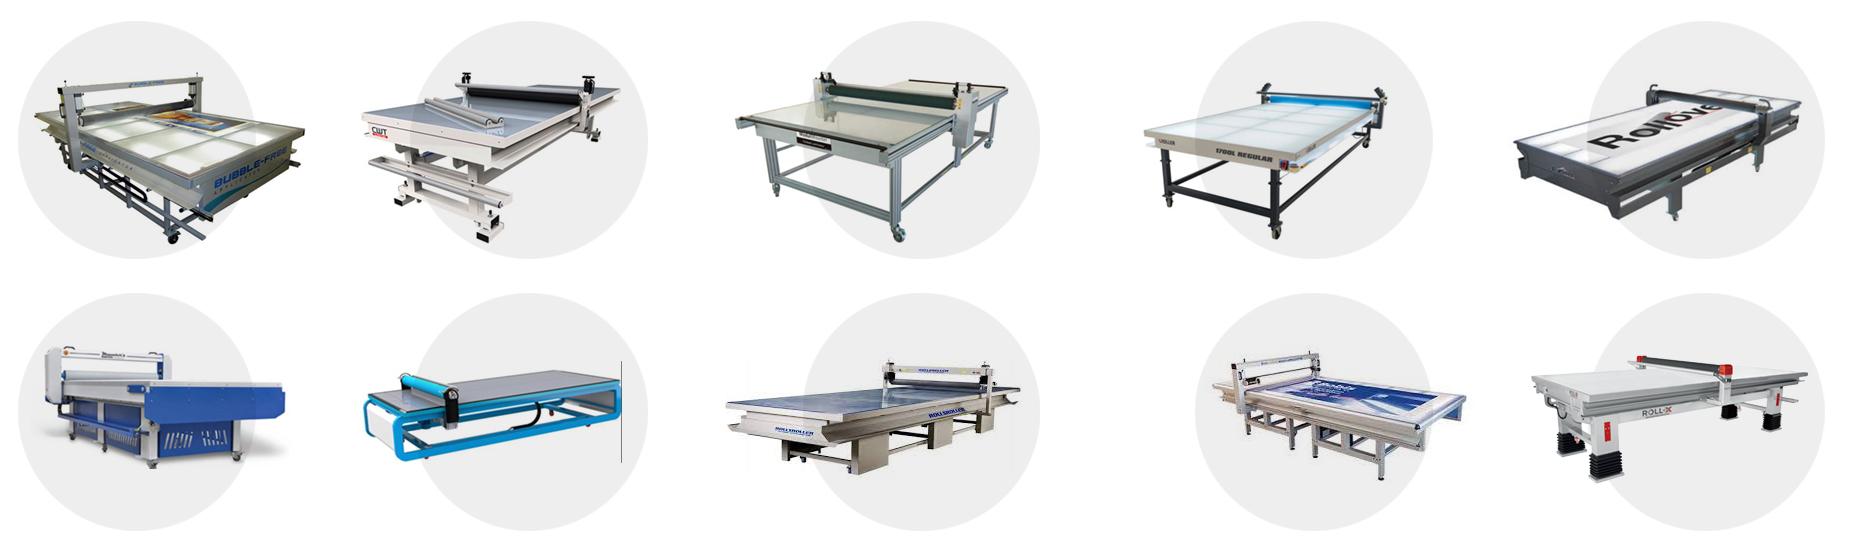 Overzicht Applicator Table